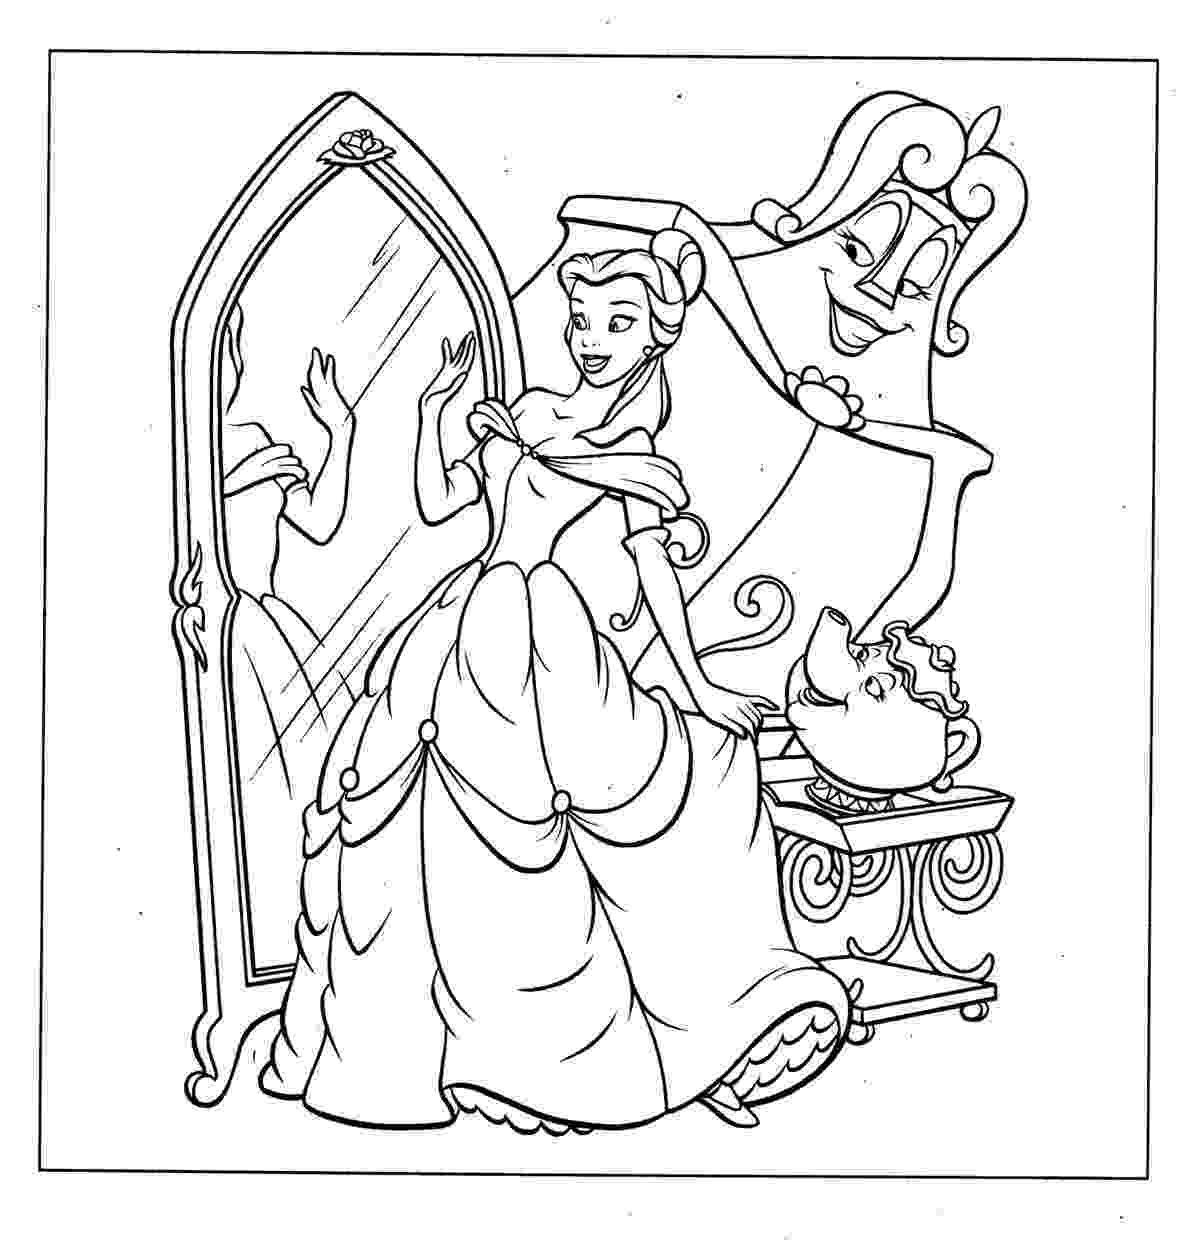 coloring pages online princess princess ariel and prince philip coloring pages to kids coloring online pages princess